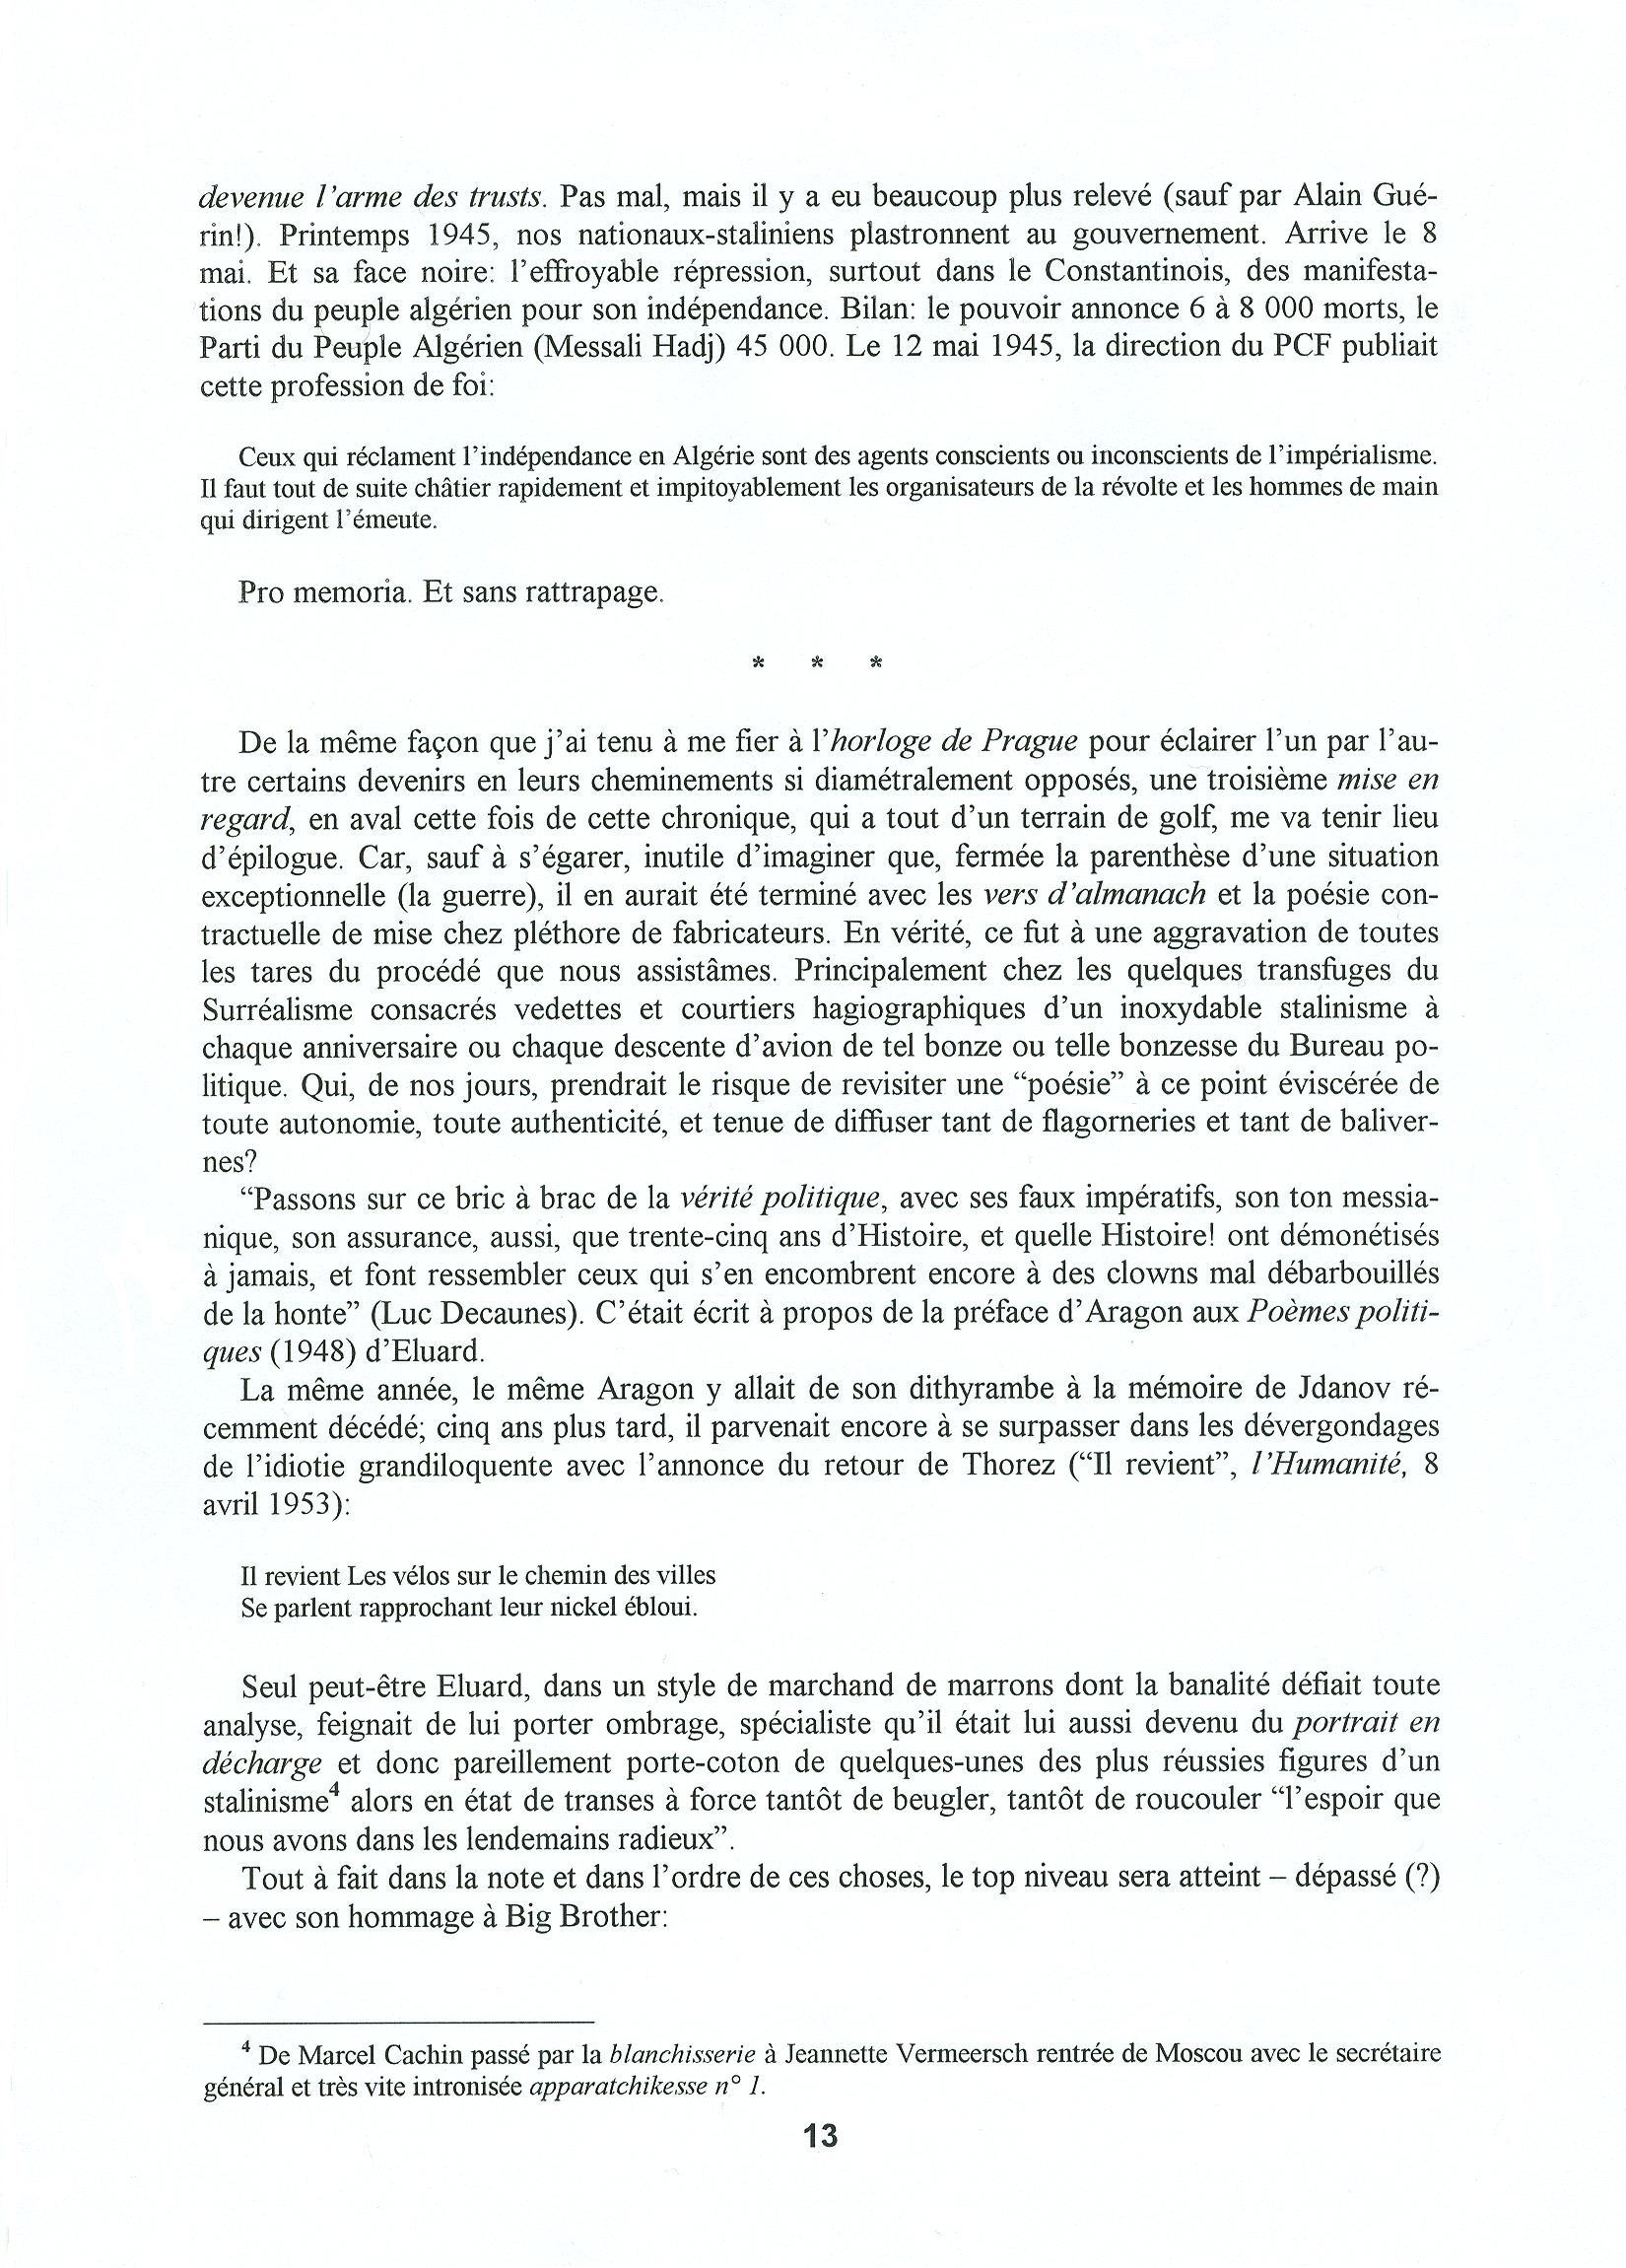 Quaderno n. 32 - pag. 14